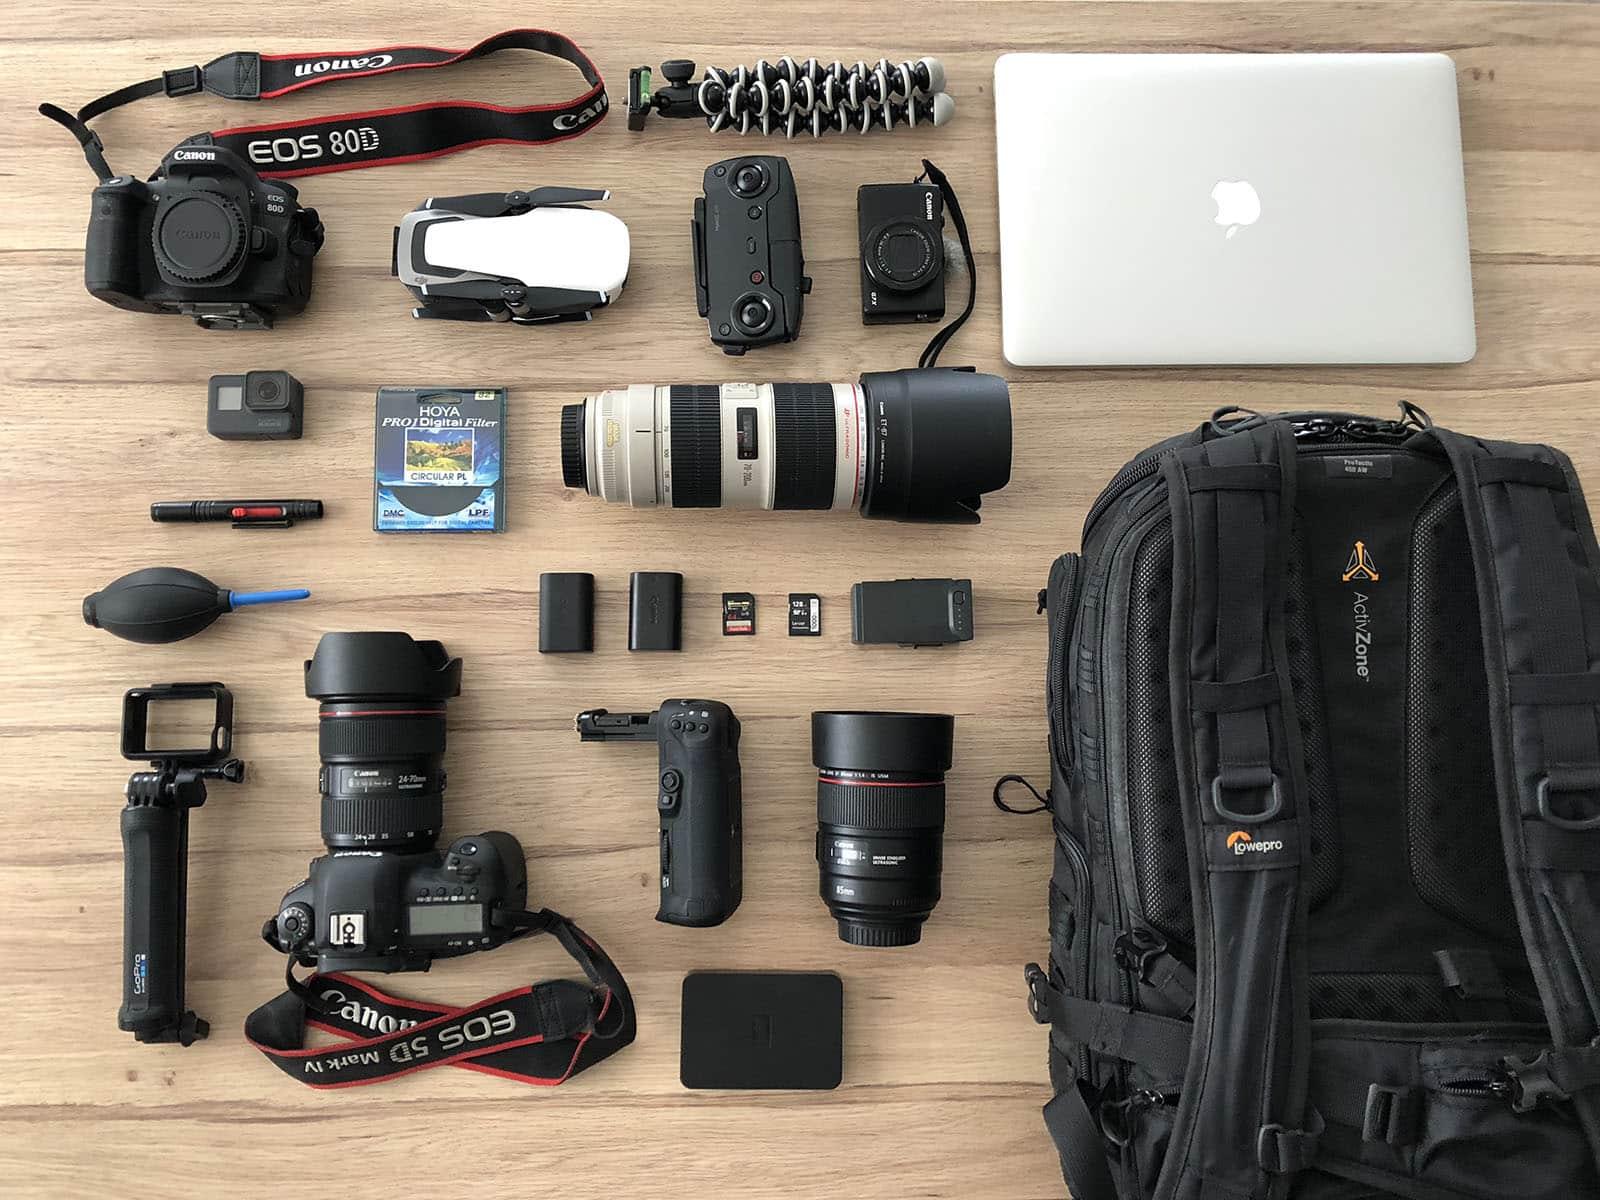 Photo 08 08 2018 11 02 35 - Notre matériel photo et vidéo pour le voyage